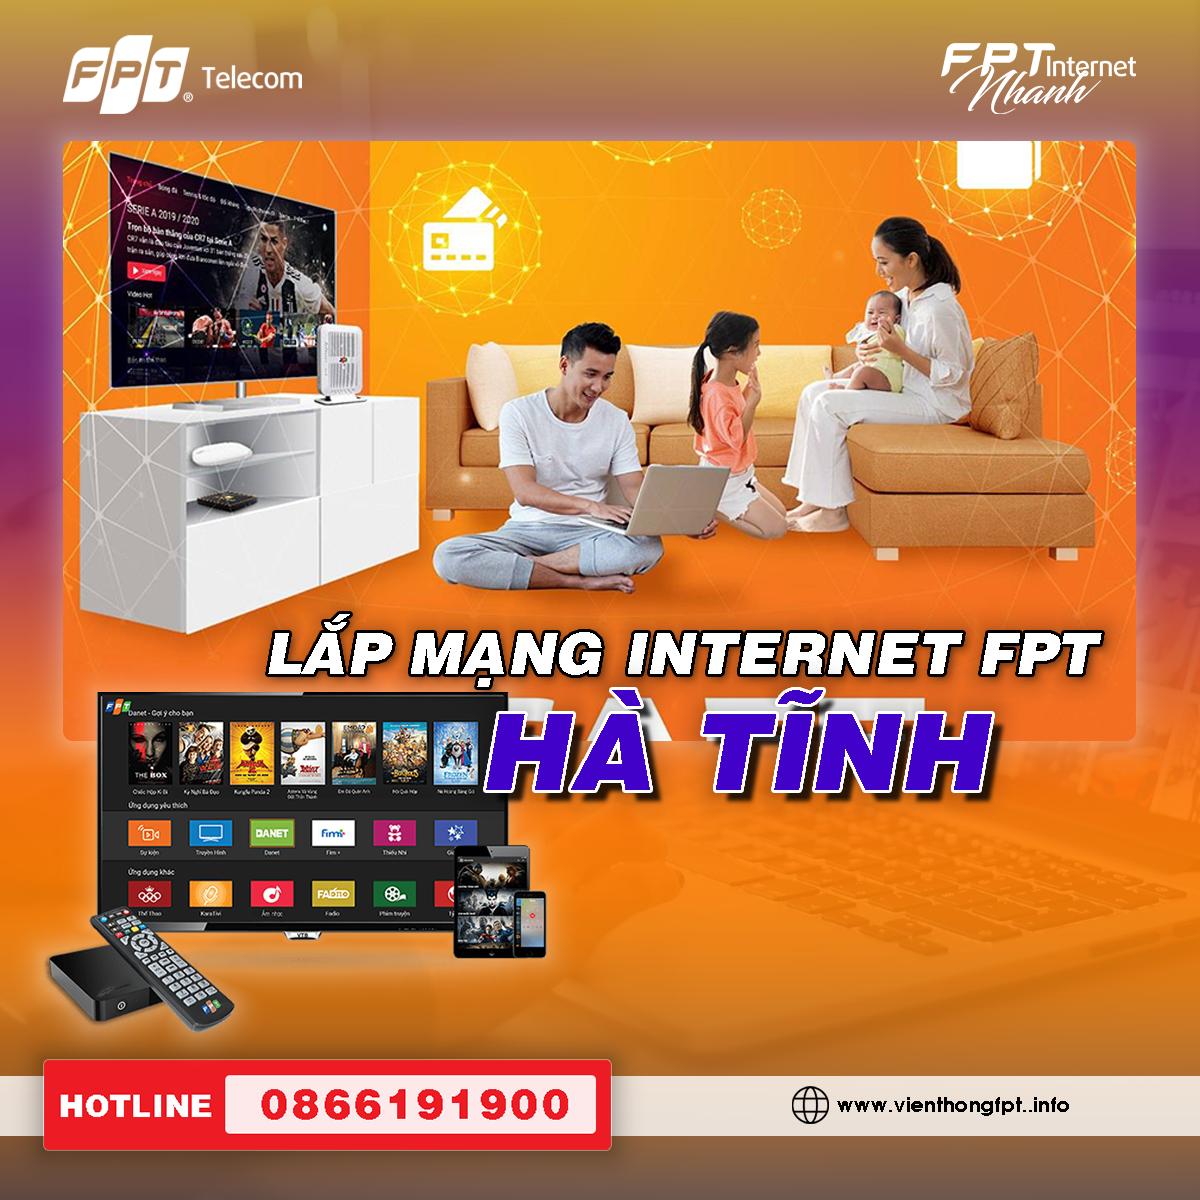 Đăng ký Internet FPT Hà Tĩnh - Miễn phí lắp đặt - Tặng 2 tháng cước